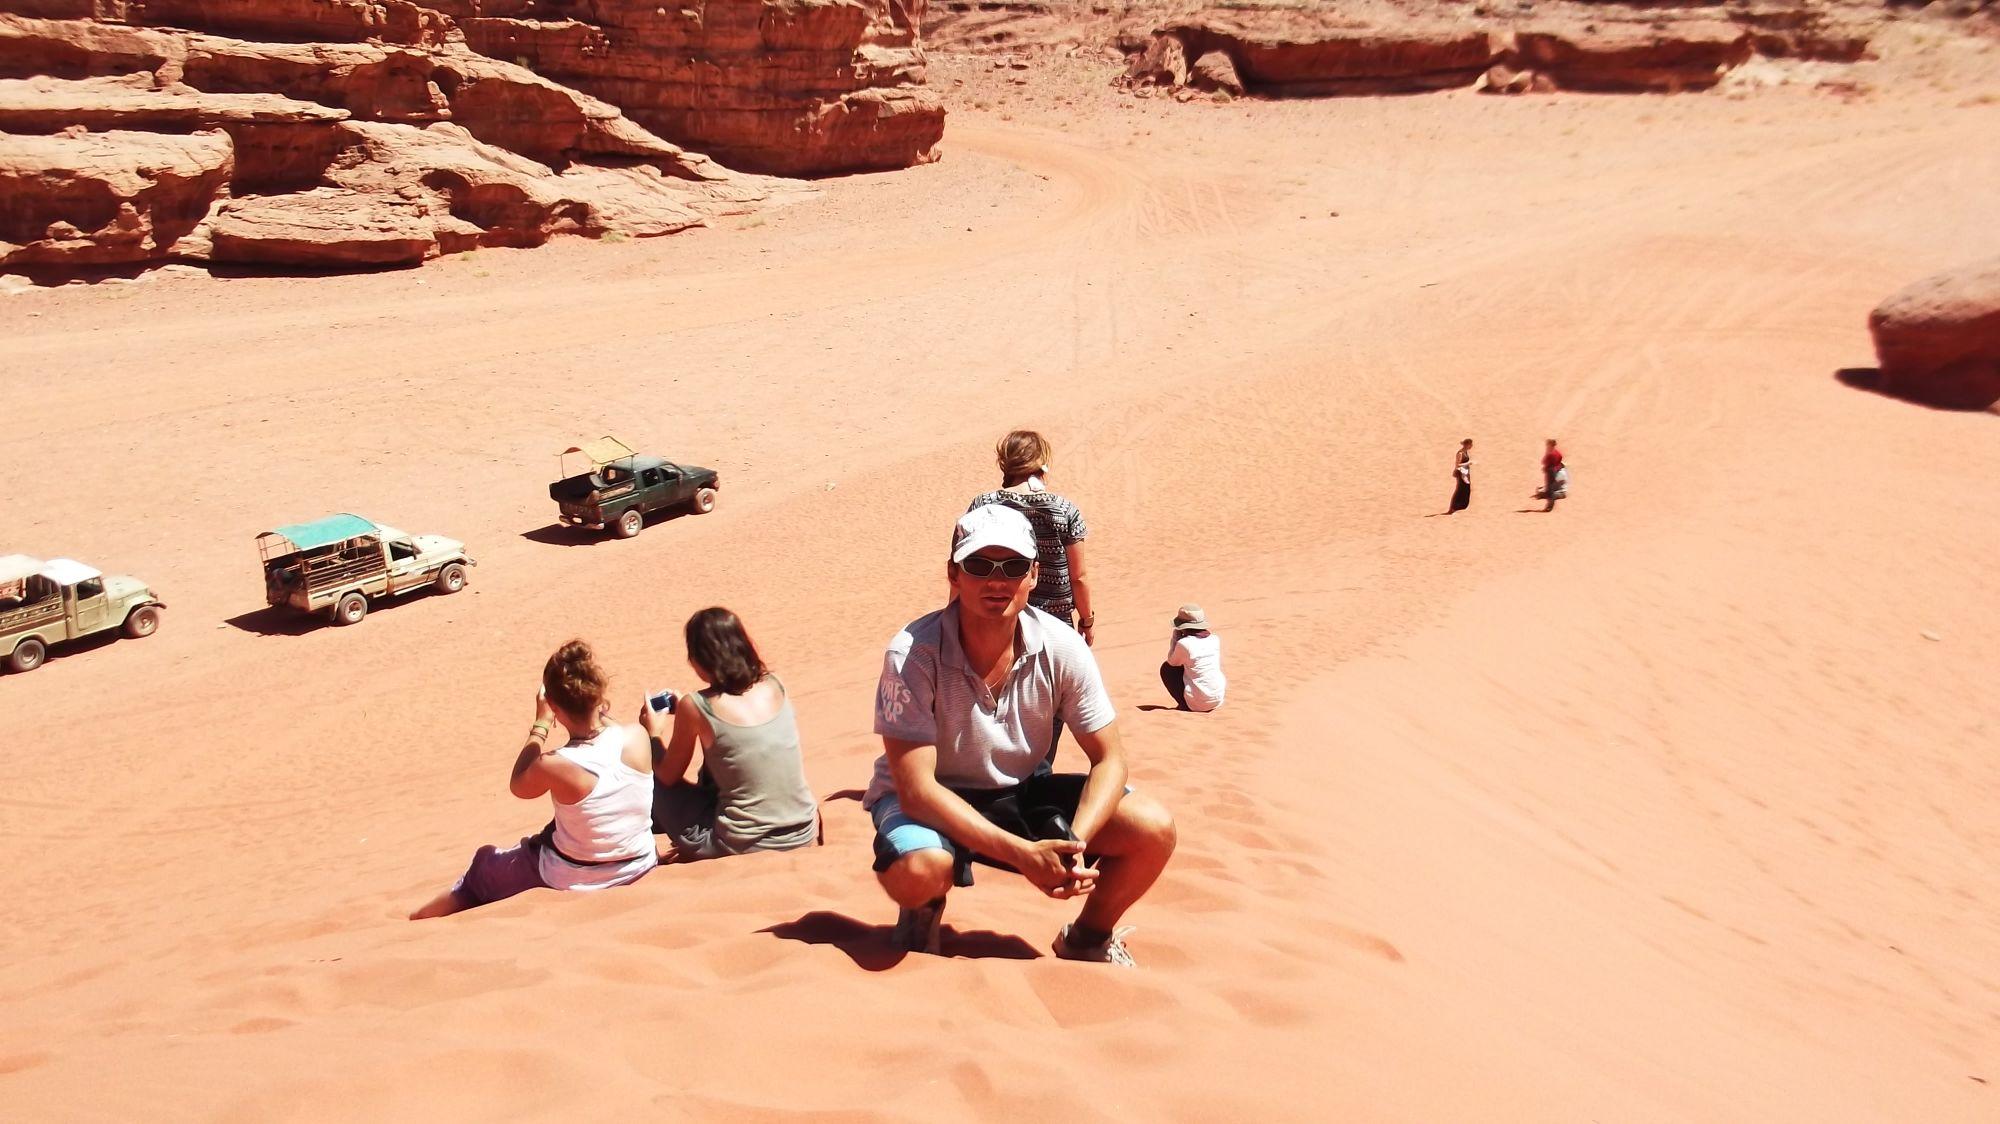 Bliski Wschód - Jordania - przewodnik-zdjęcia-atrakcje turystyczne